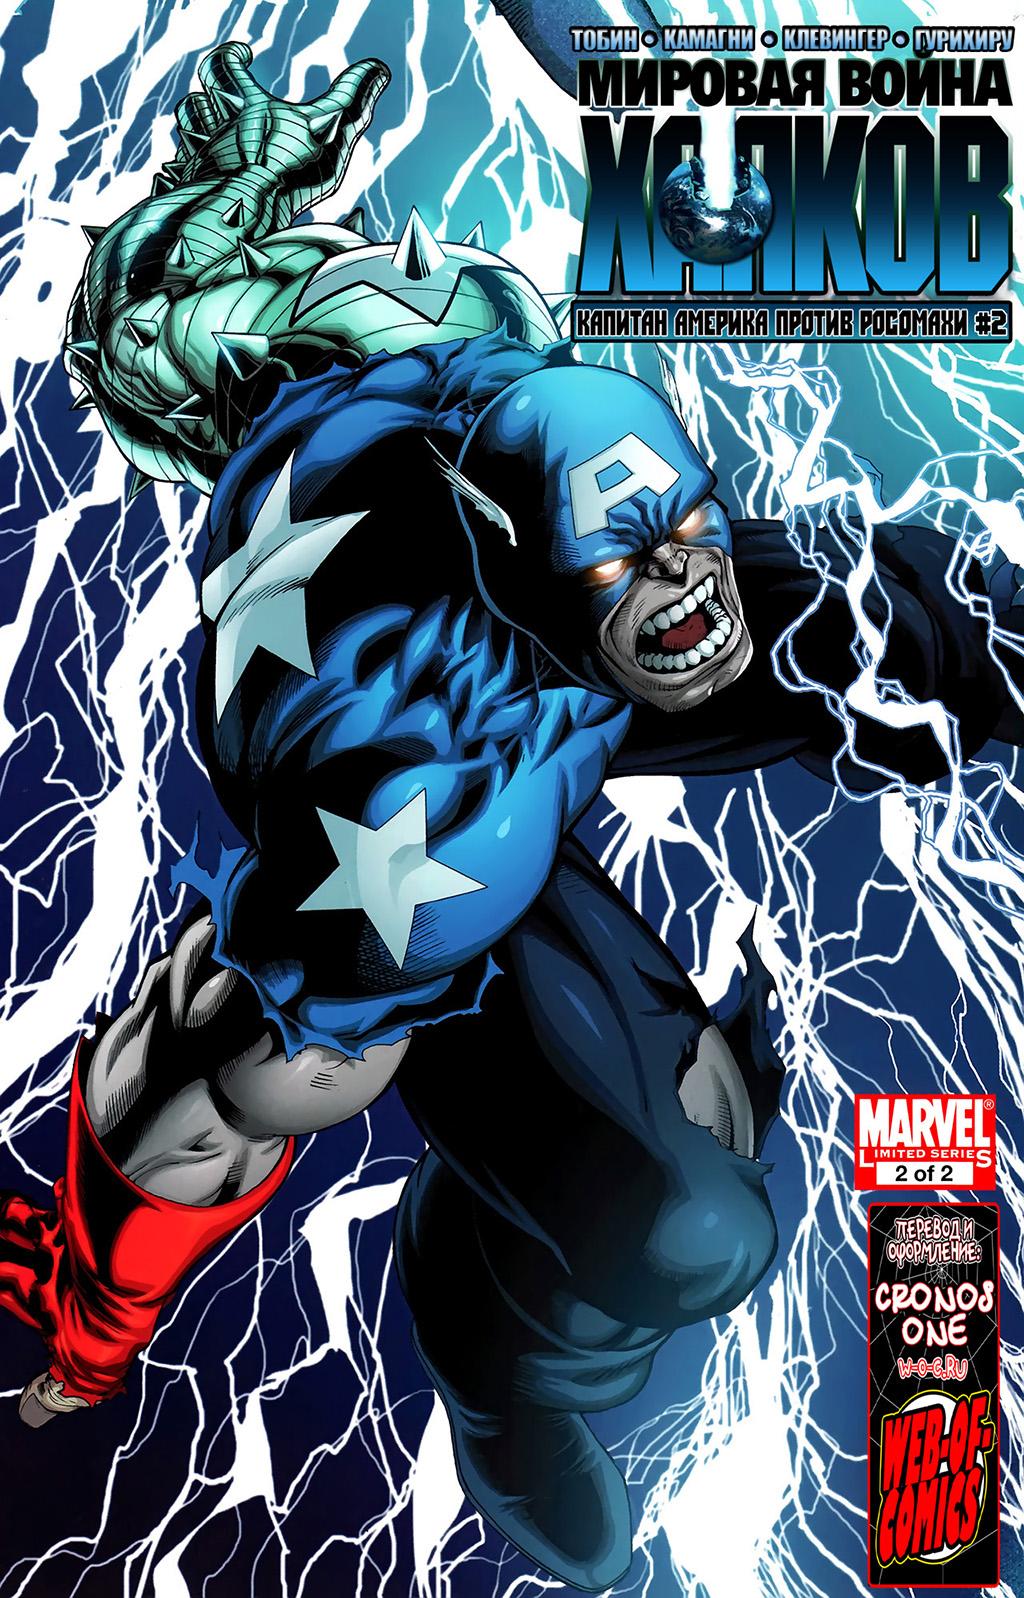 Комикс Мировая Война Халков: Капитан Америка против Росомахи